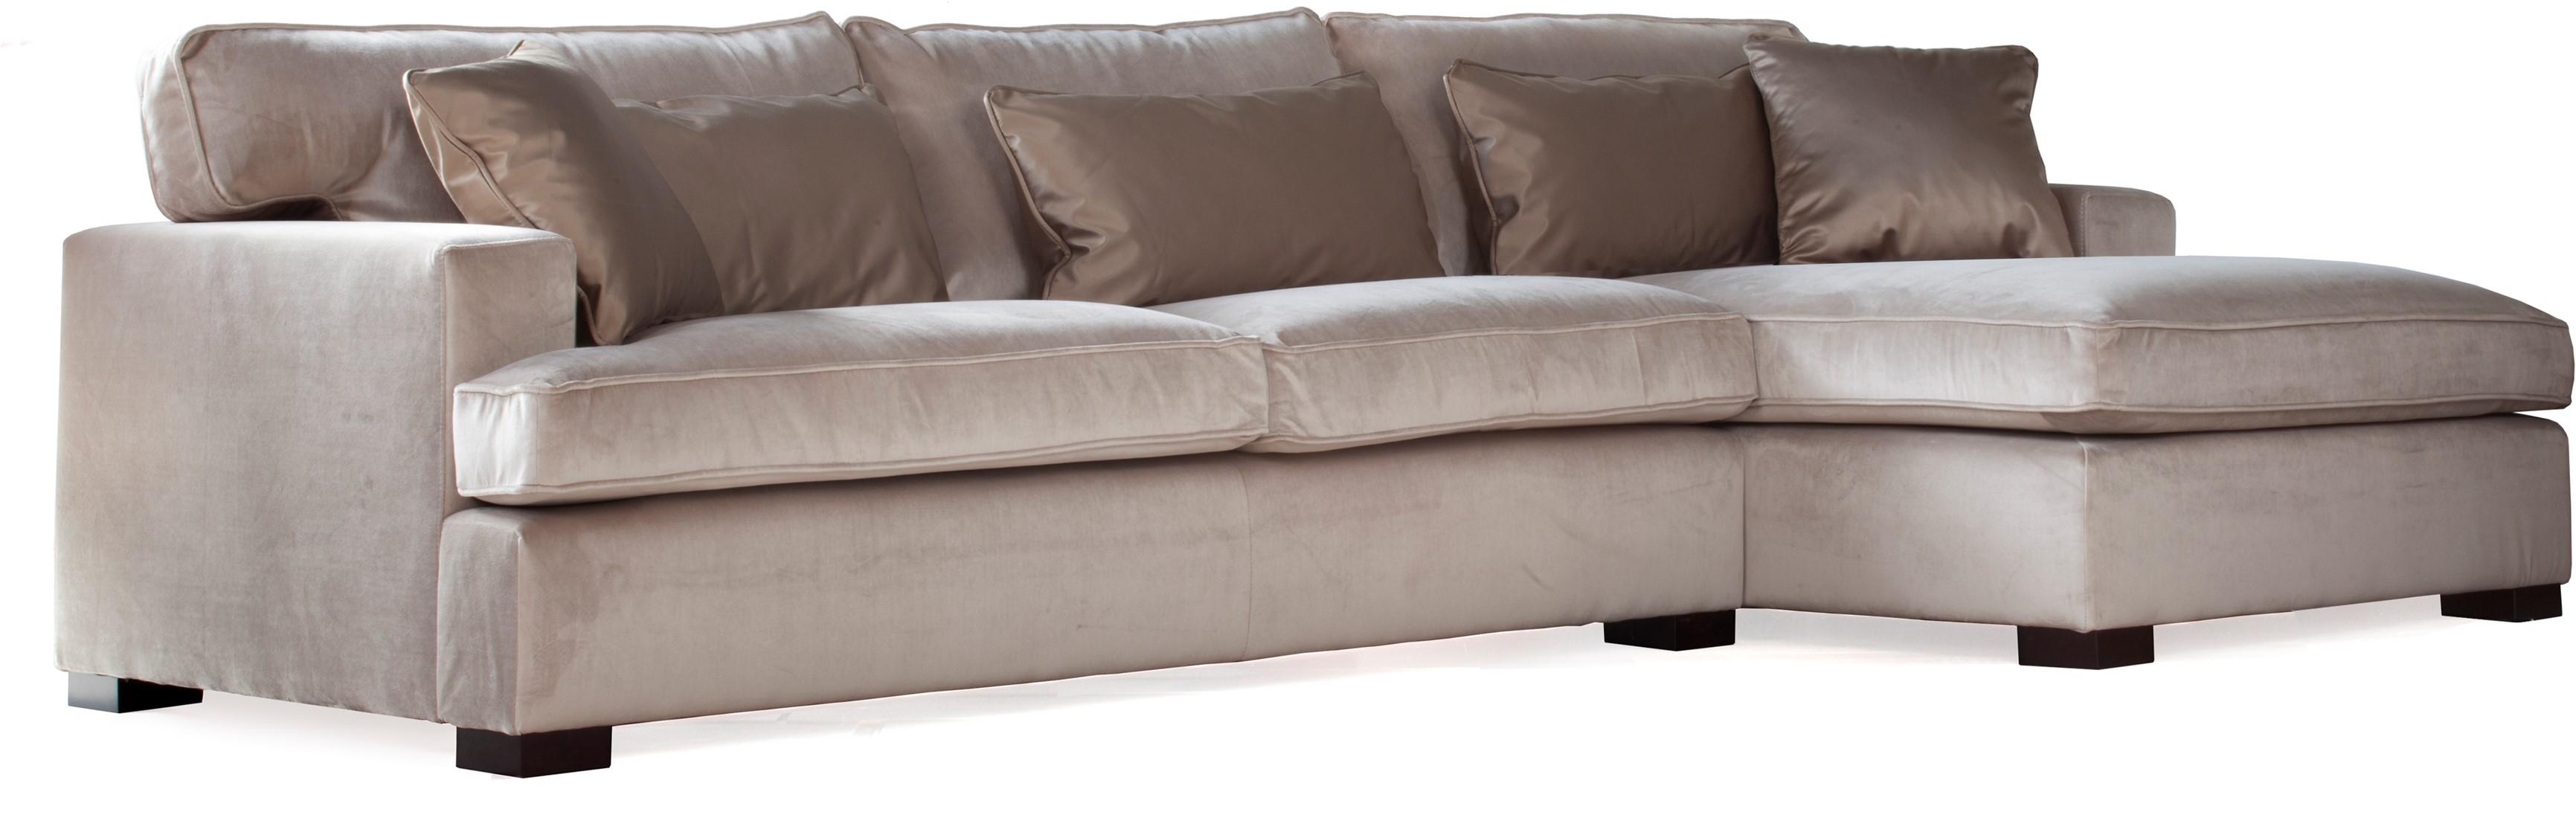 sofa brighton | Baci Living Room